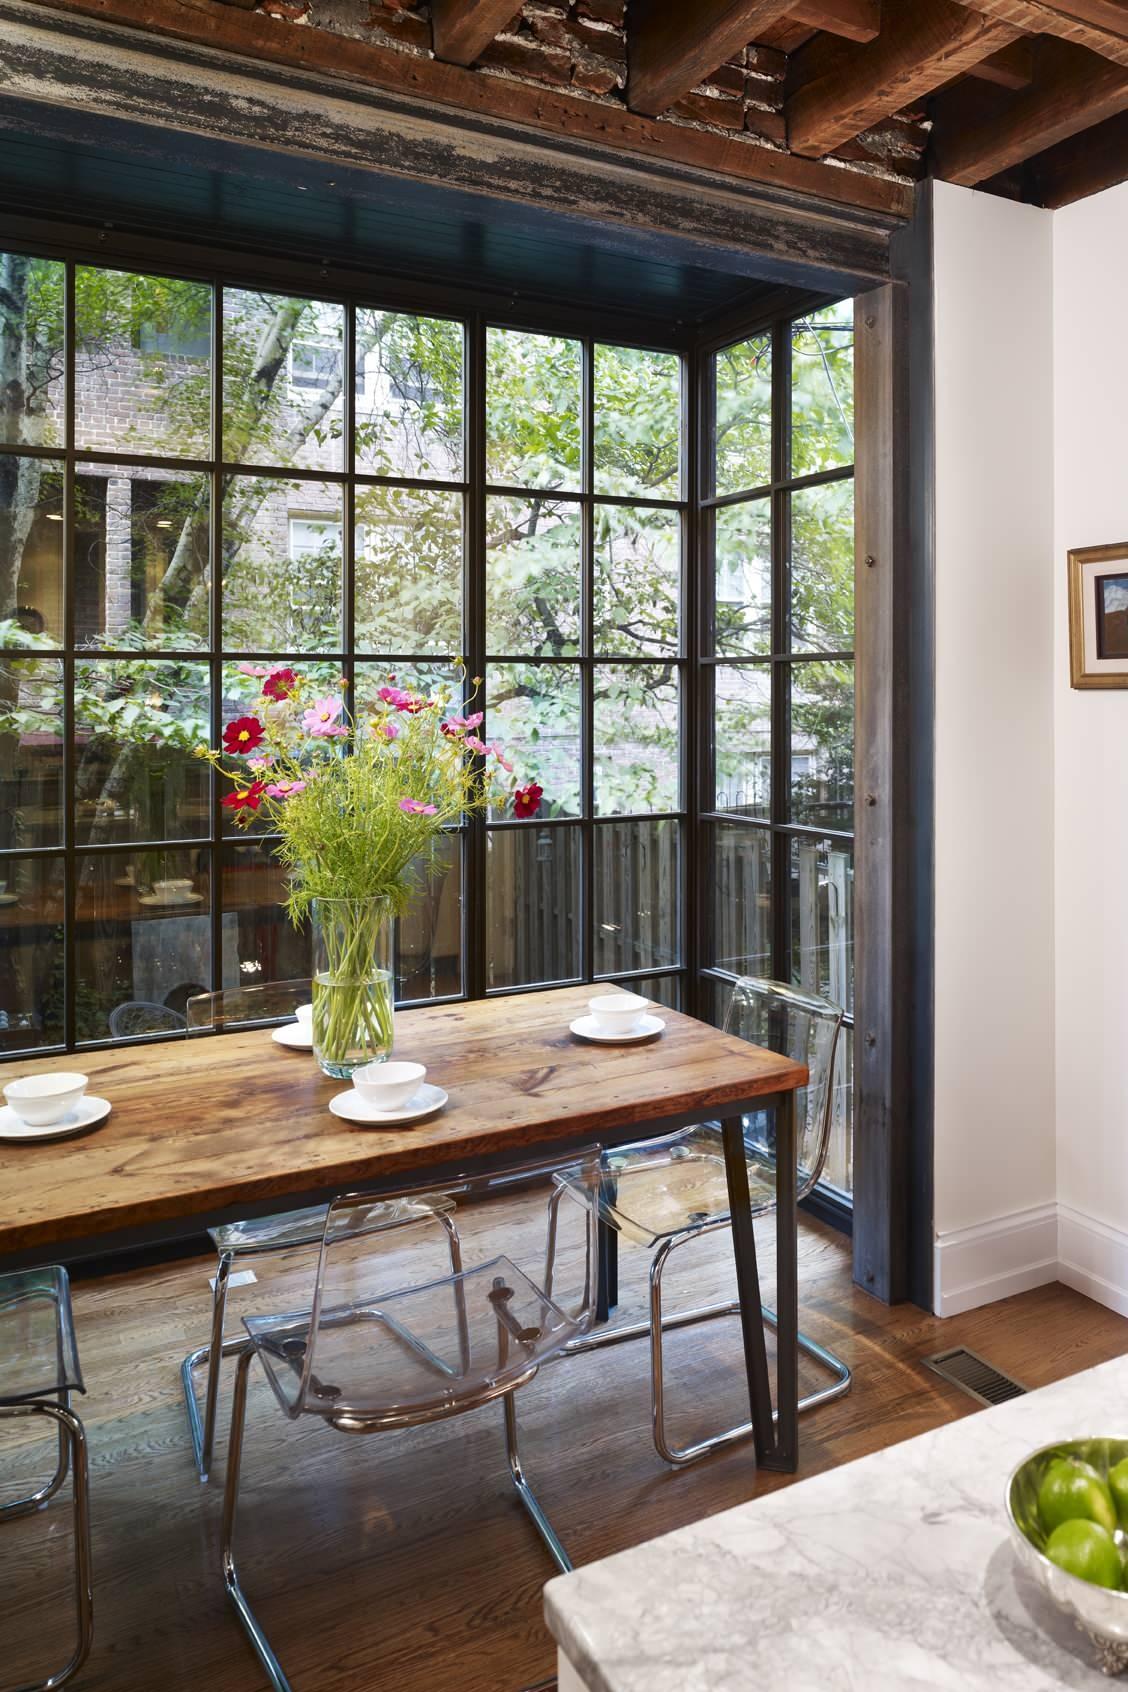 Стильный дизайн интерьера кухни от Hanson General Contracting, Inc.